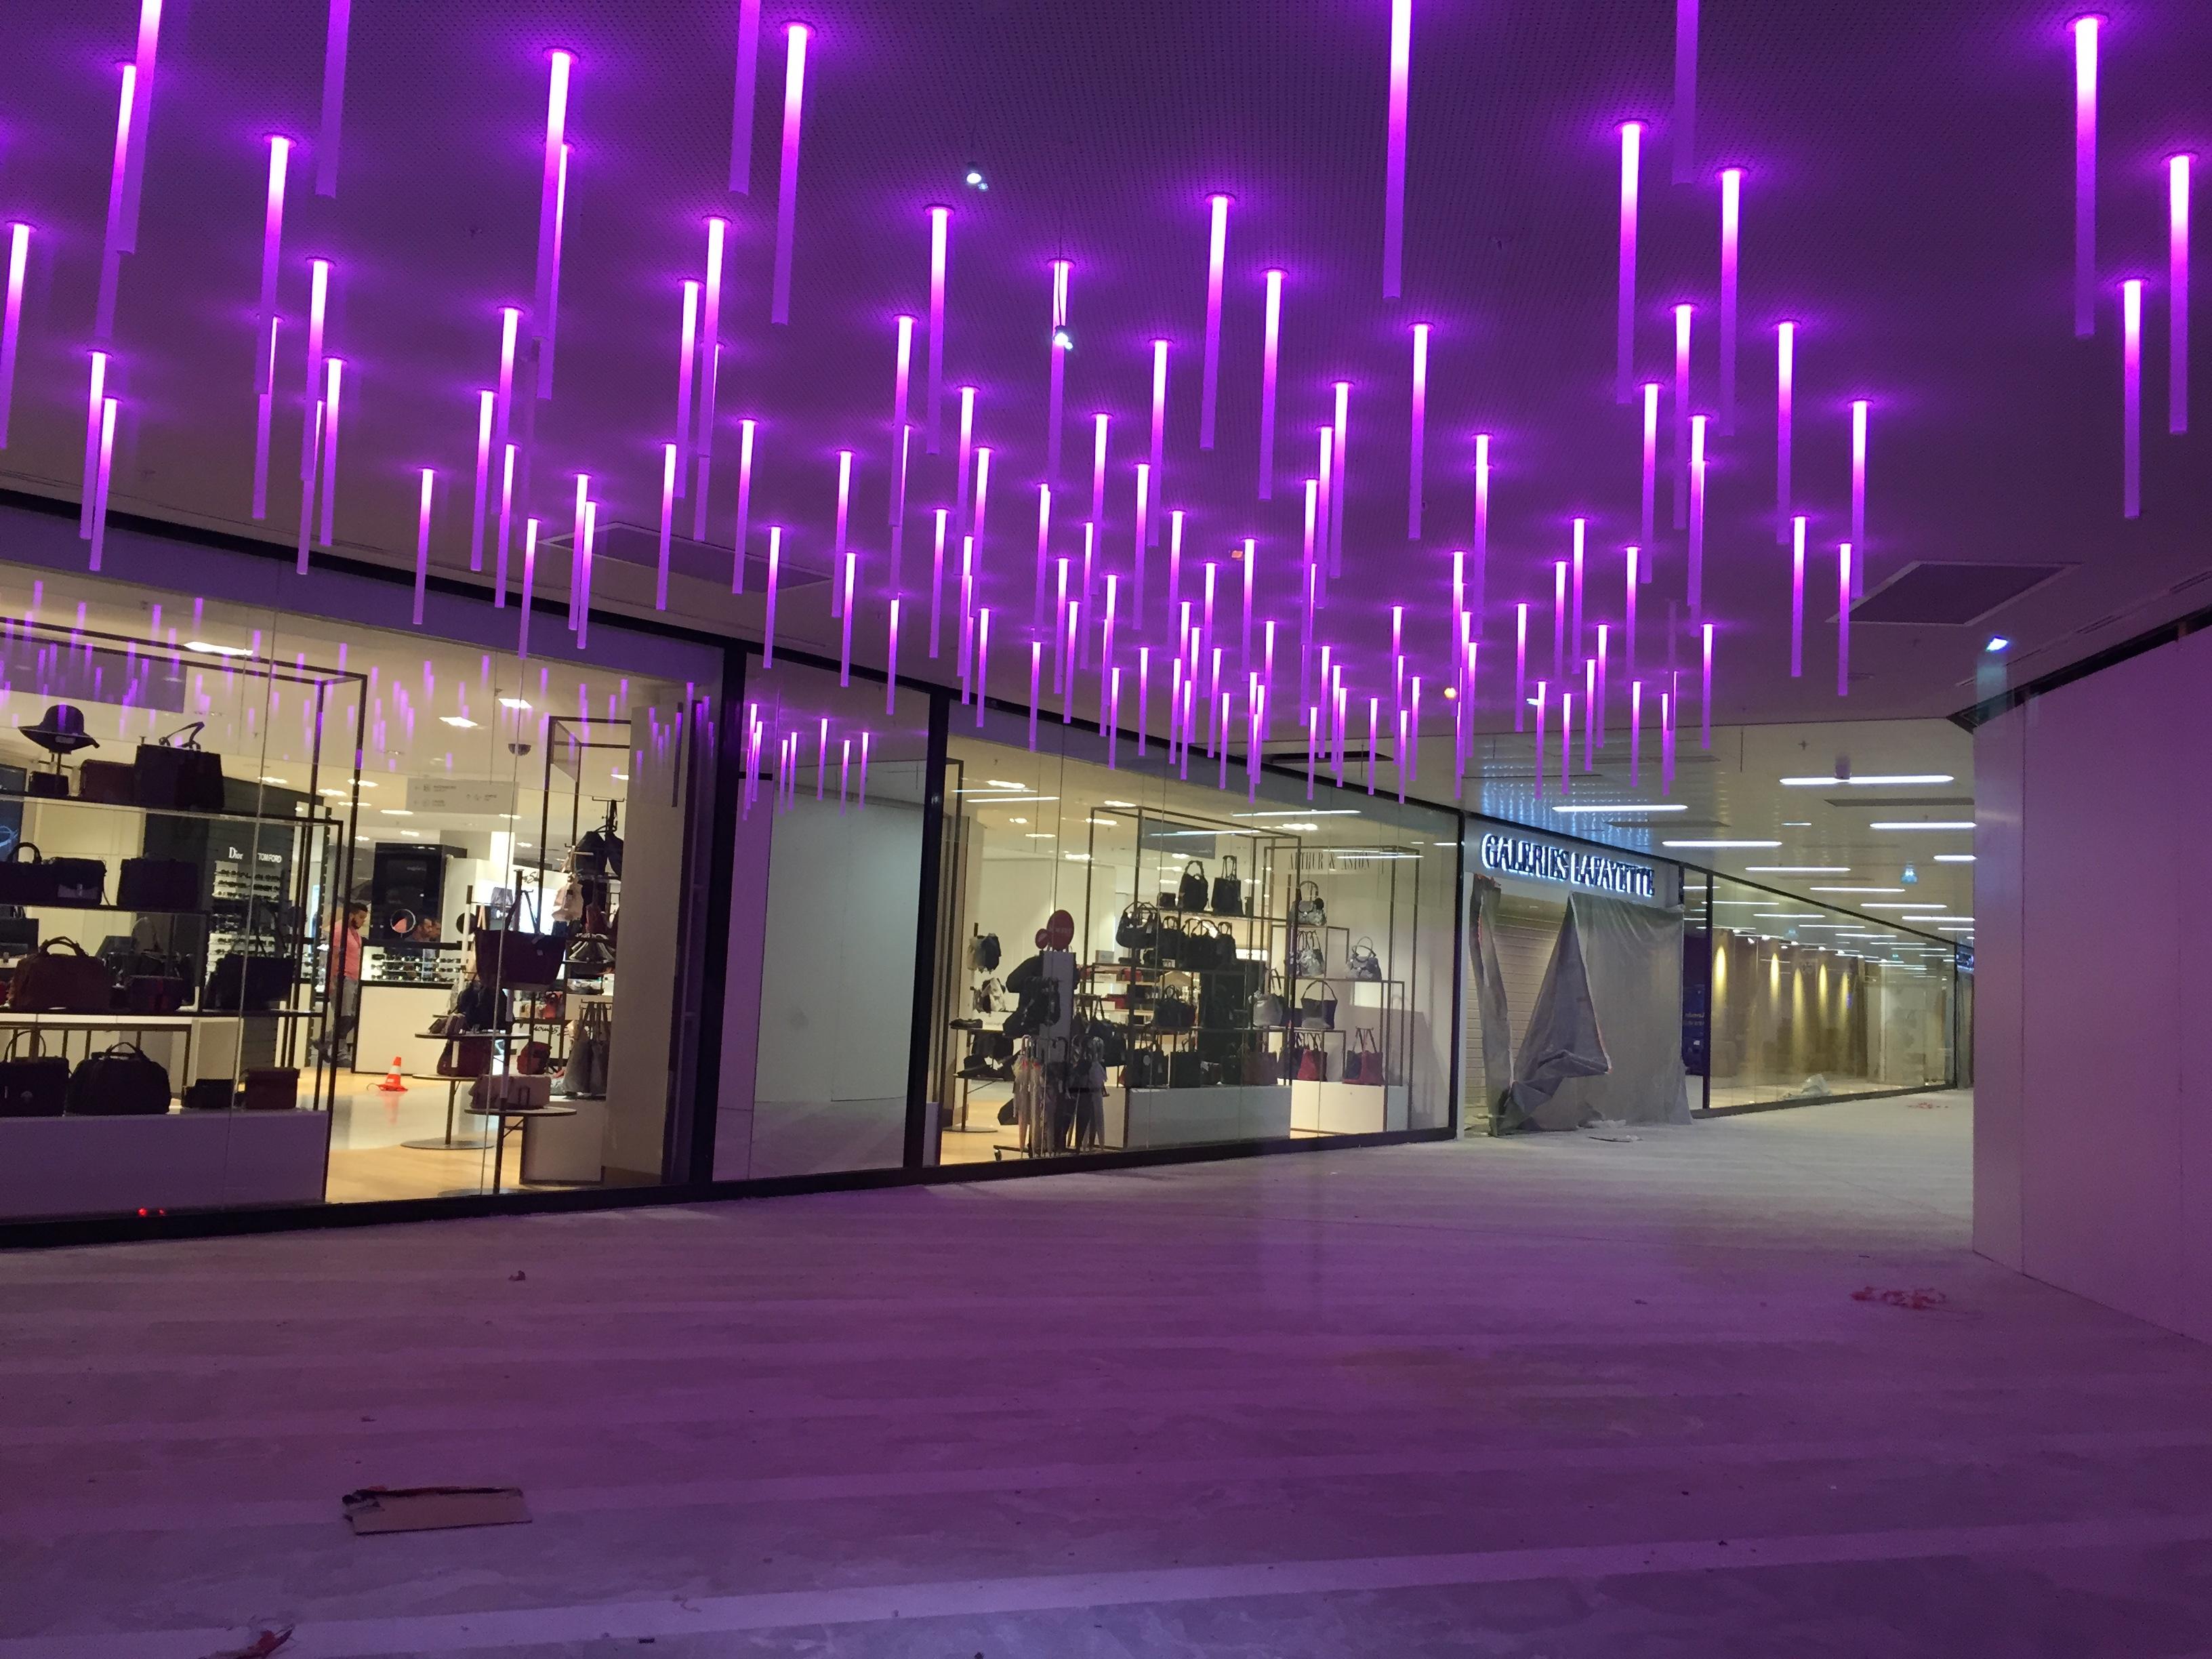 Actif Signal réalise une mise en lumière du mail du Centre Commercial Bourse à Marseille.